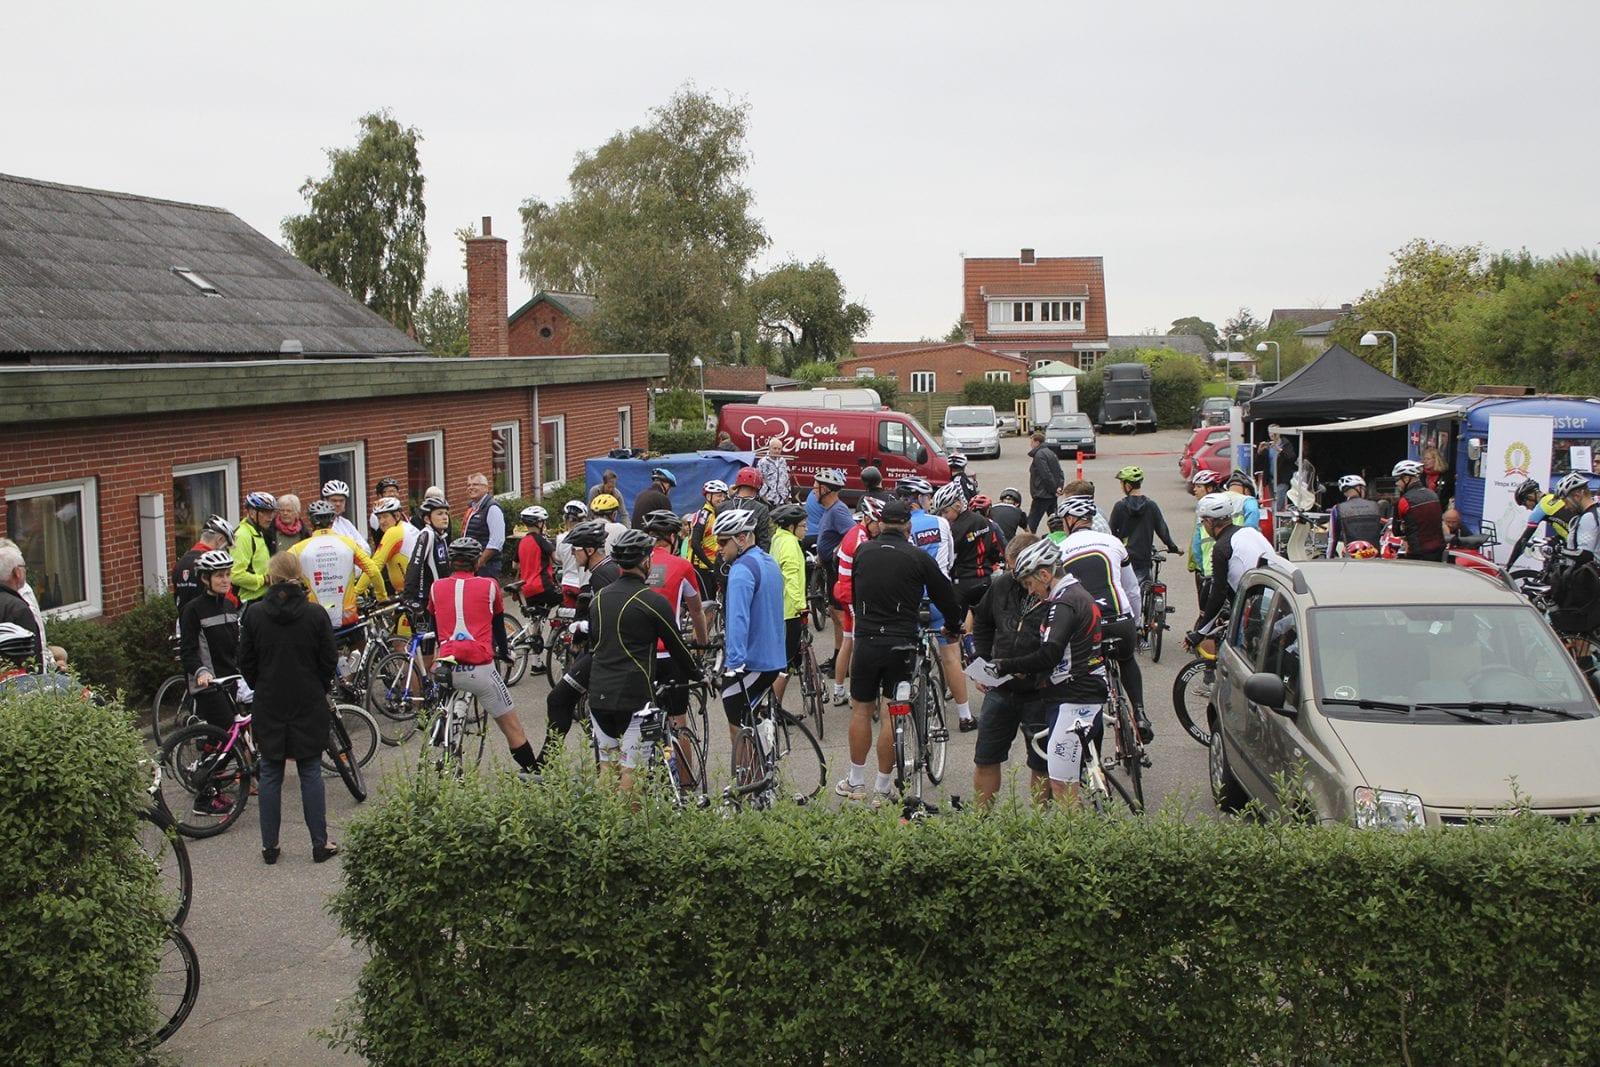 Kløver Motionscykelløbet 2014, Photo © Altomcykling.dk